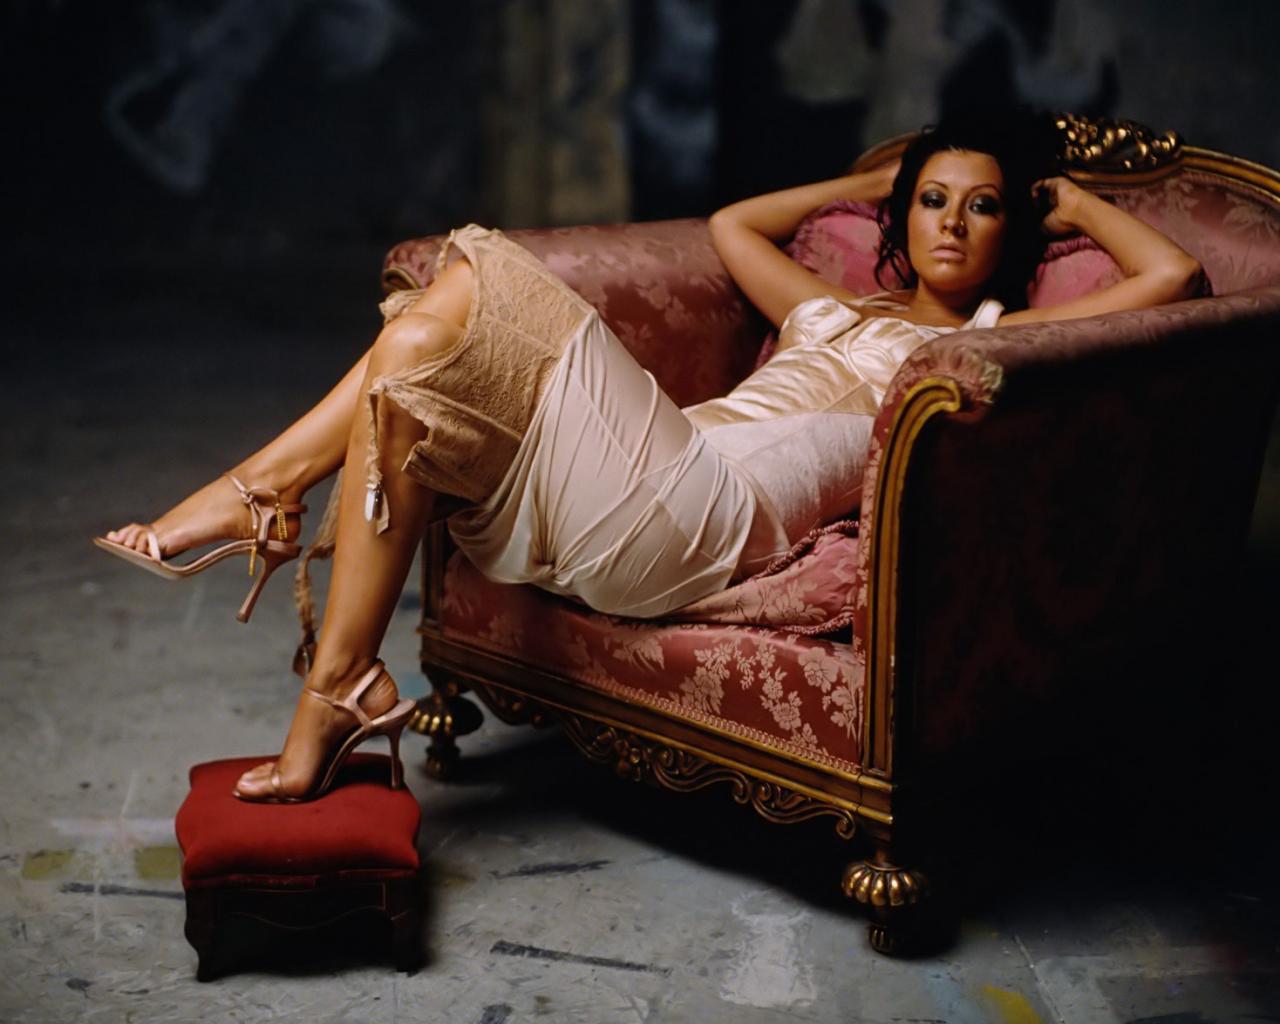 Фото девушки на кресле 29 фотография